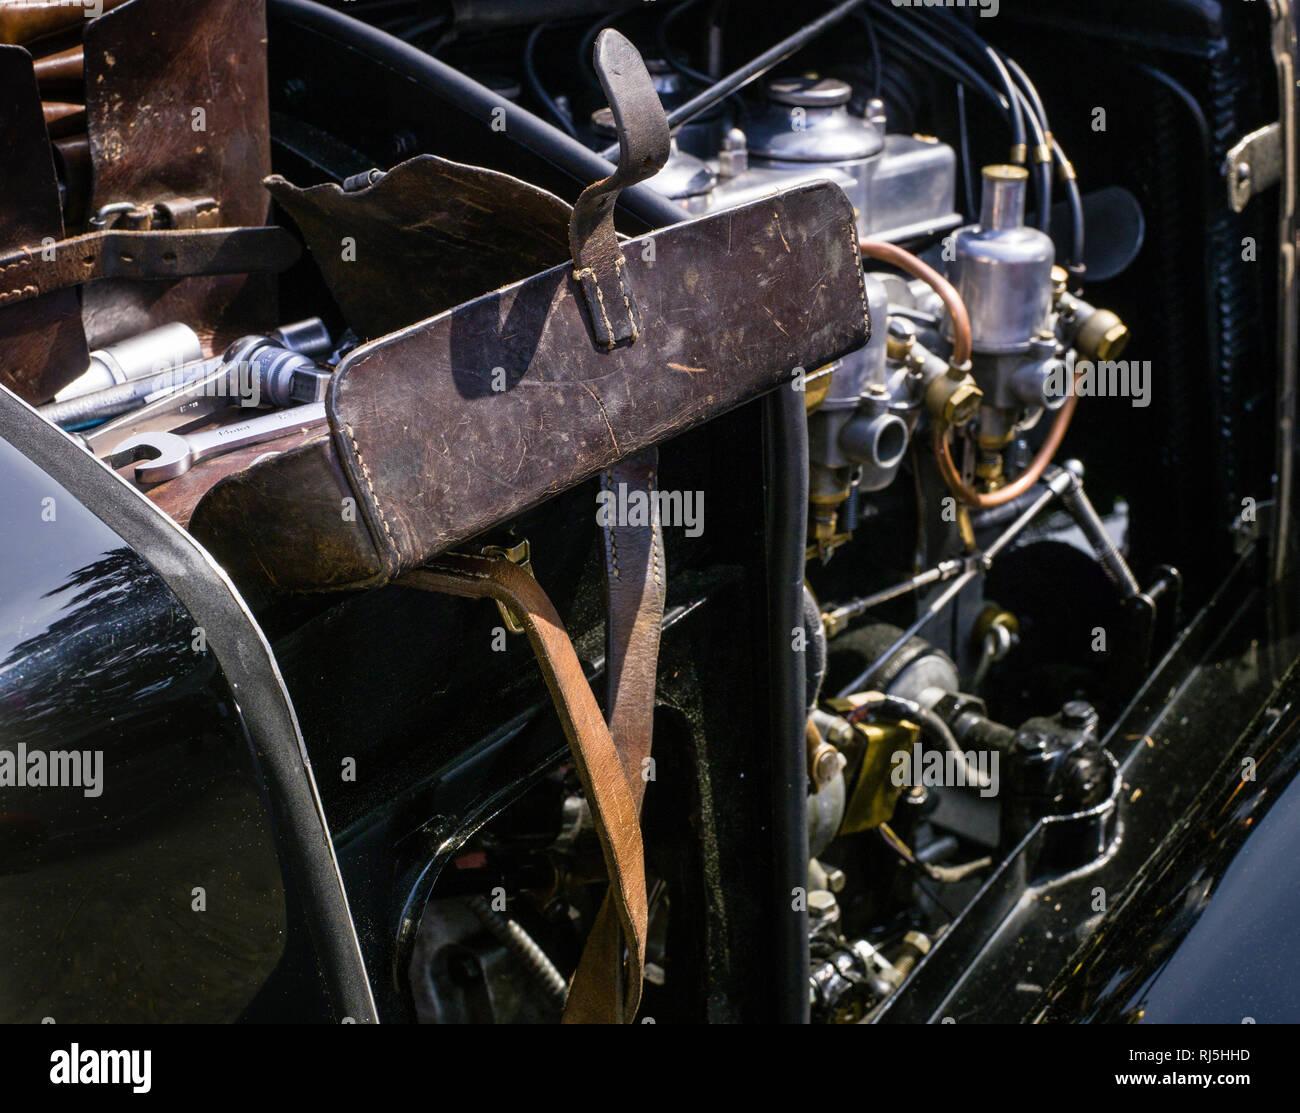 Wartungsarbeiten am Motor eines Oldtimers - Stock Image